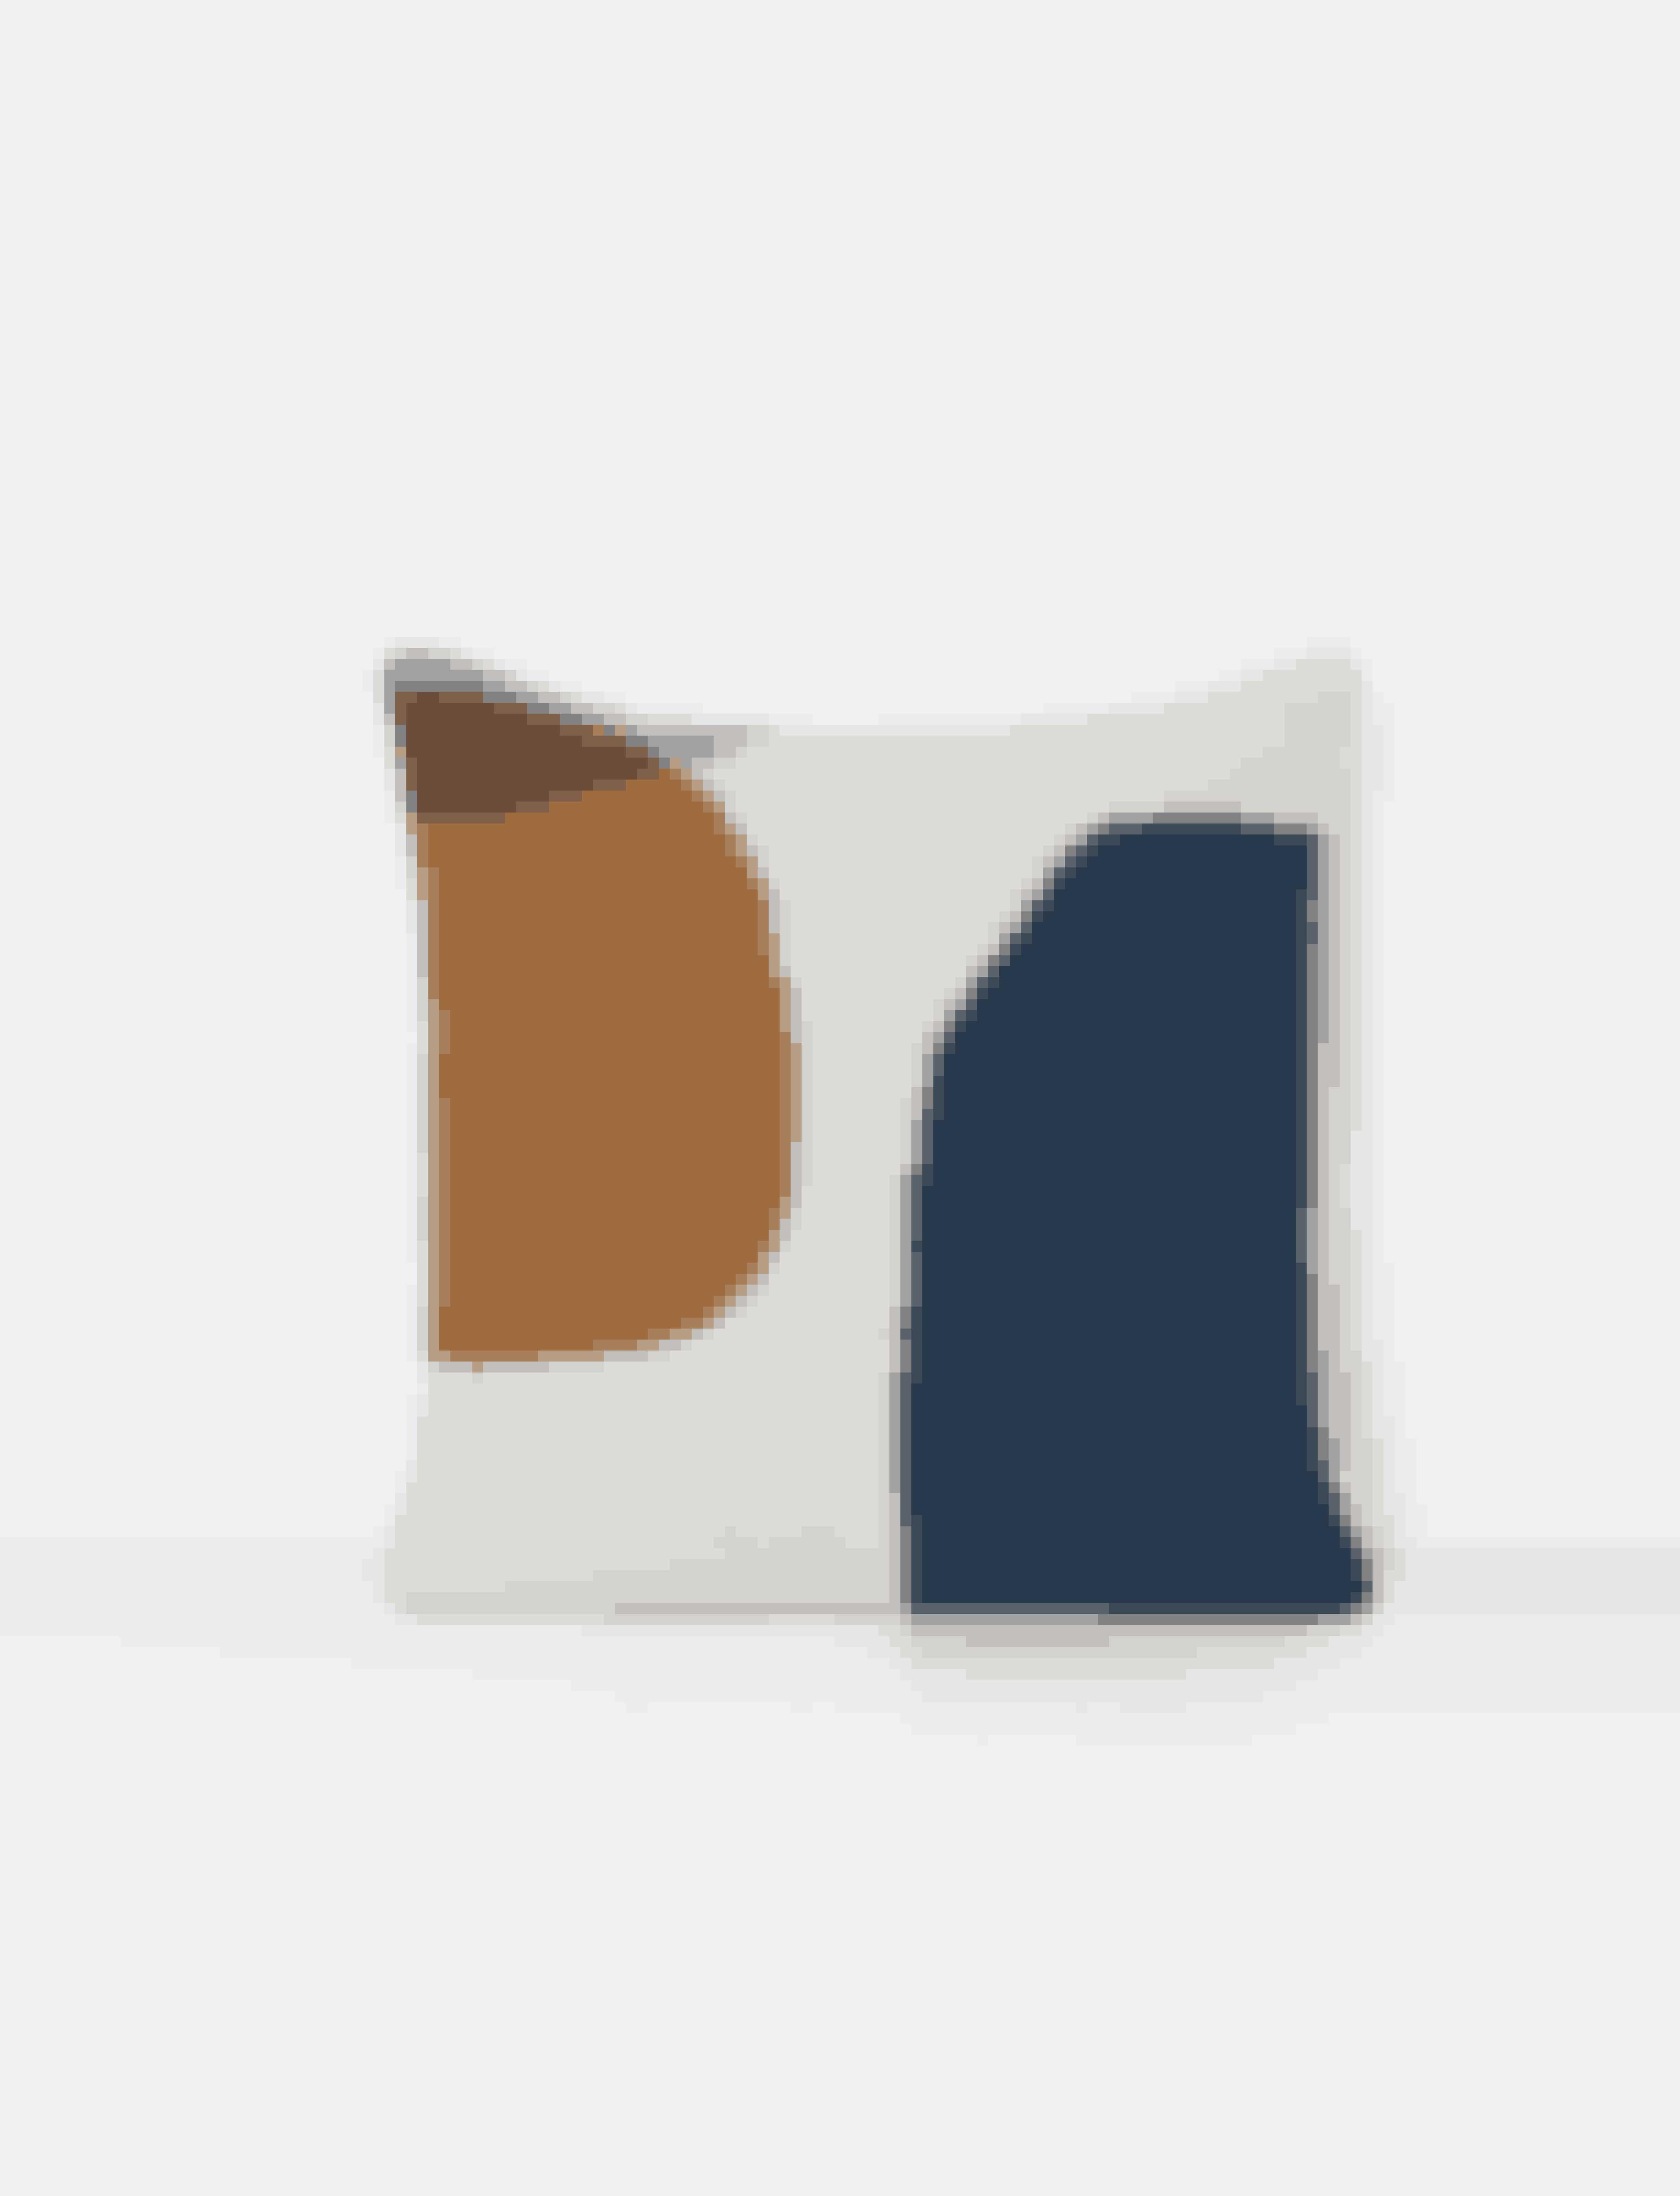 'Merge'-kelimpude, Ferm Living, 499 kr.Køb online her.